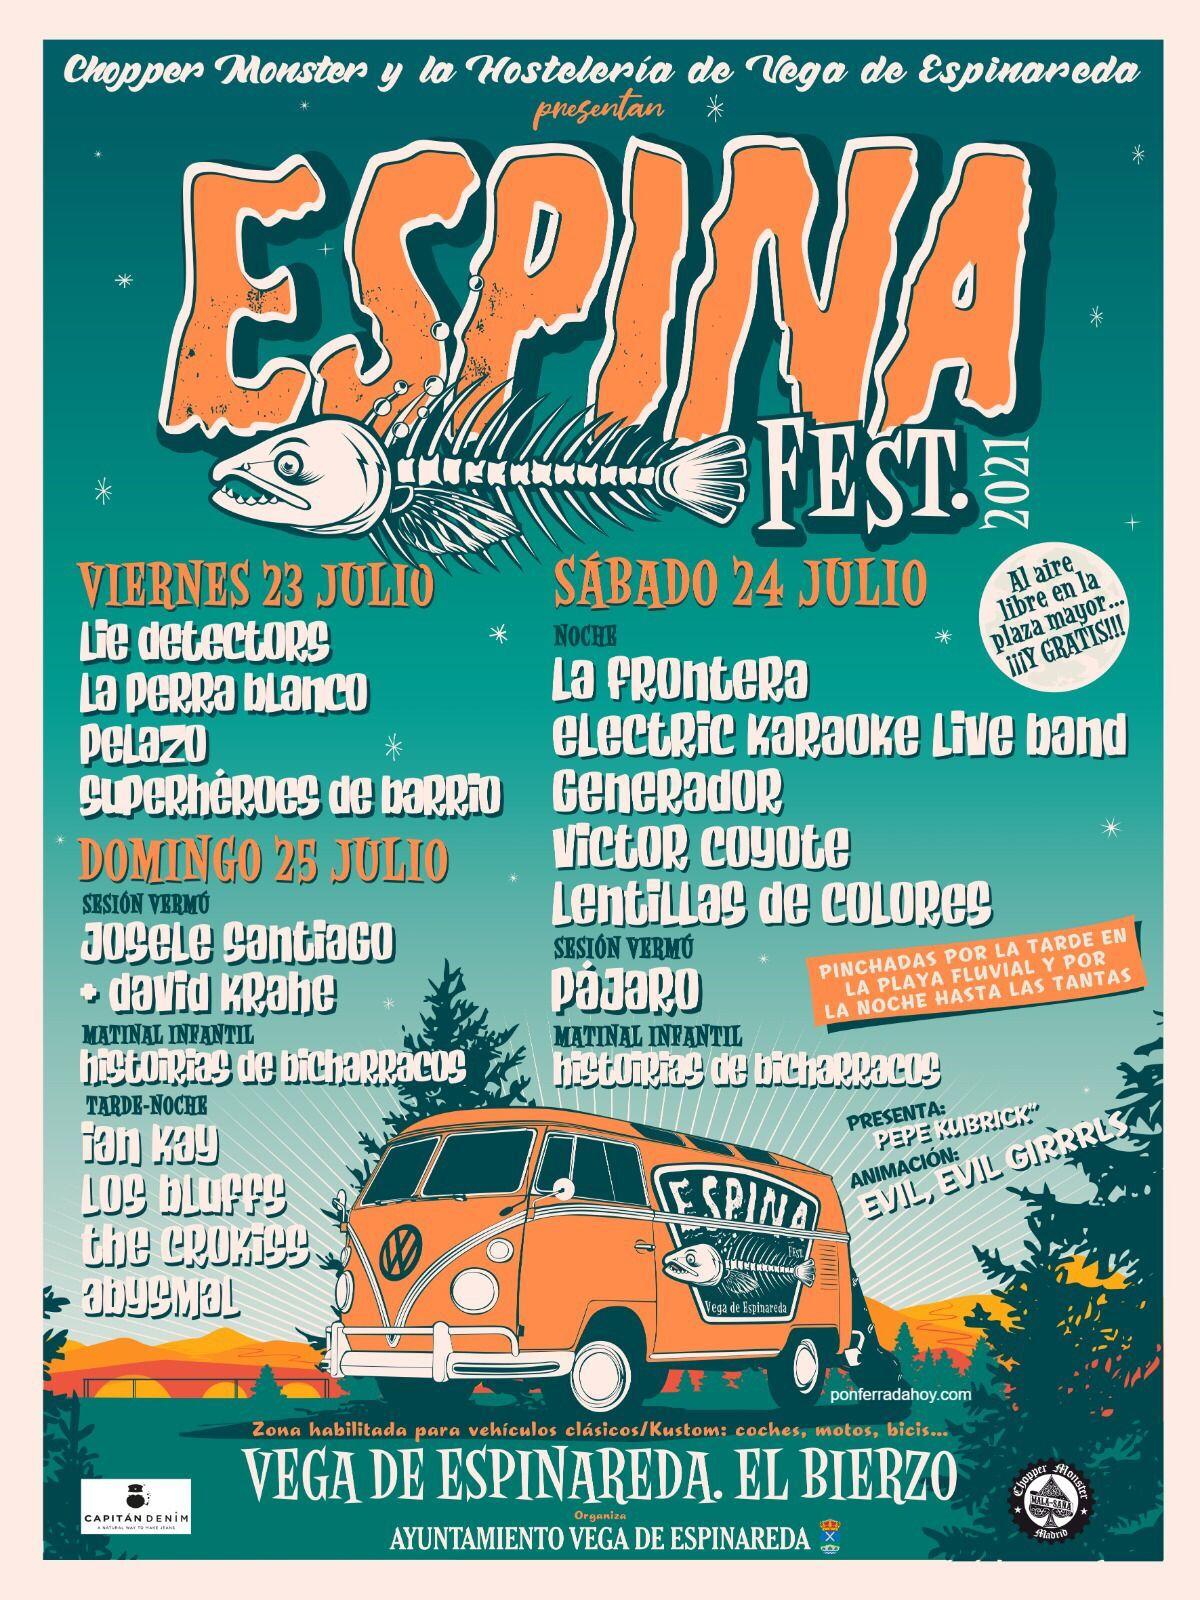 Espinafest en Vega de Espinareda. 23, 24 y 25 de julio. Aquí tienes la programación completa 11